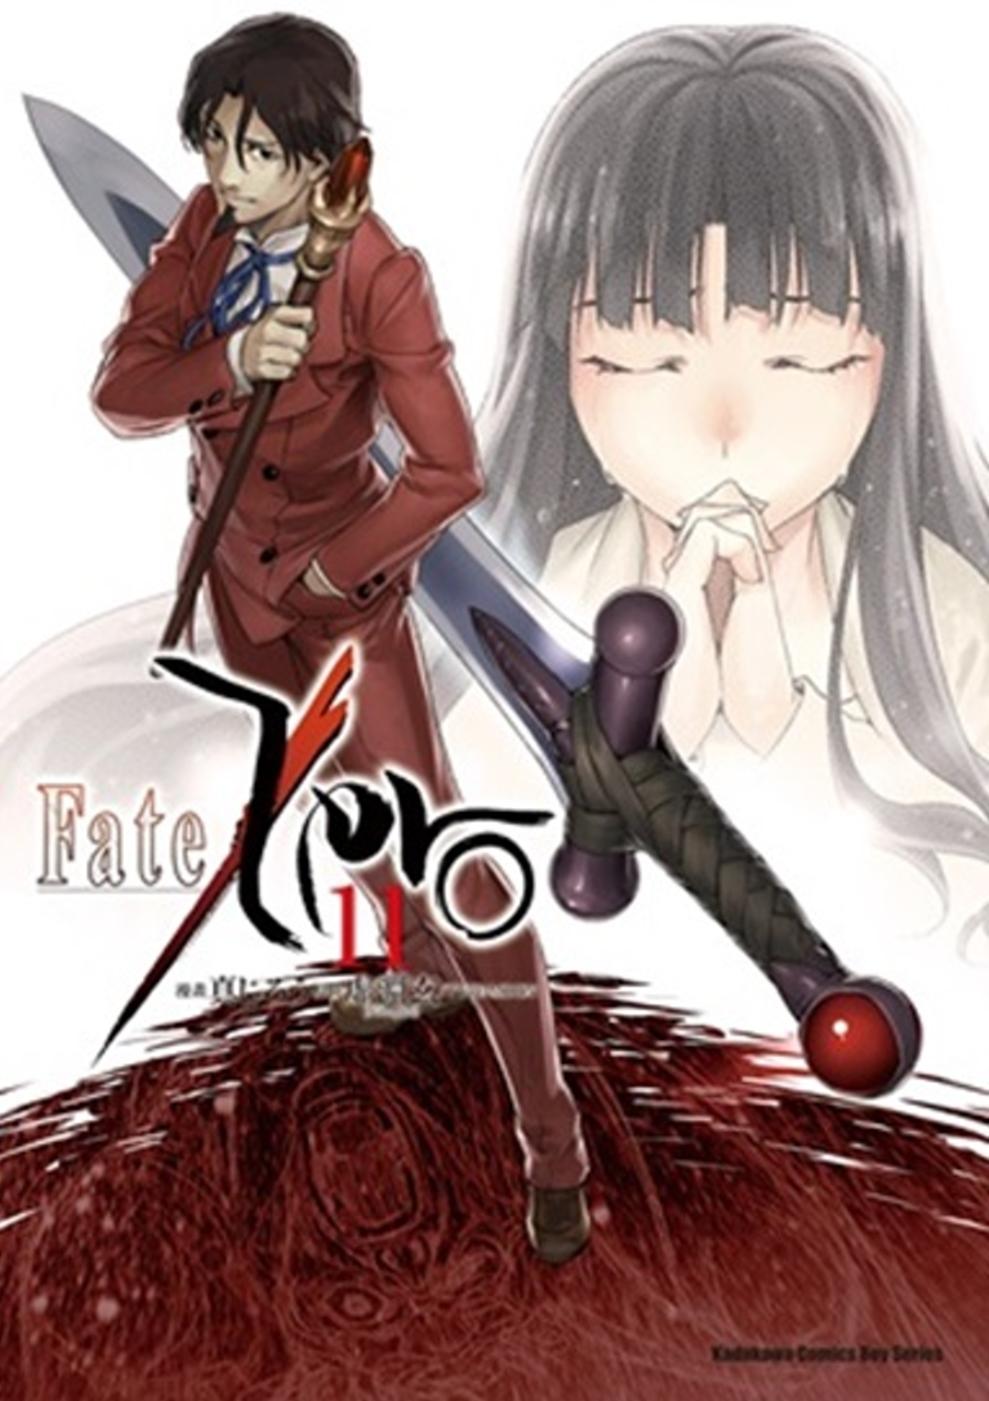 Fate Zero 11